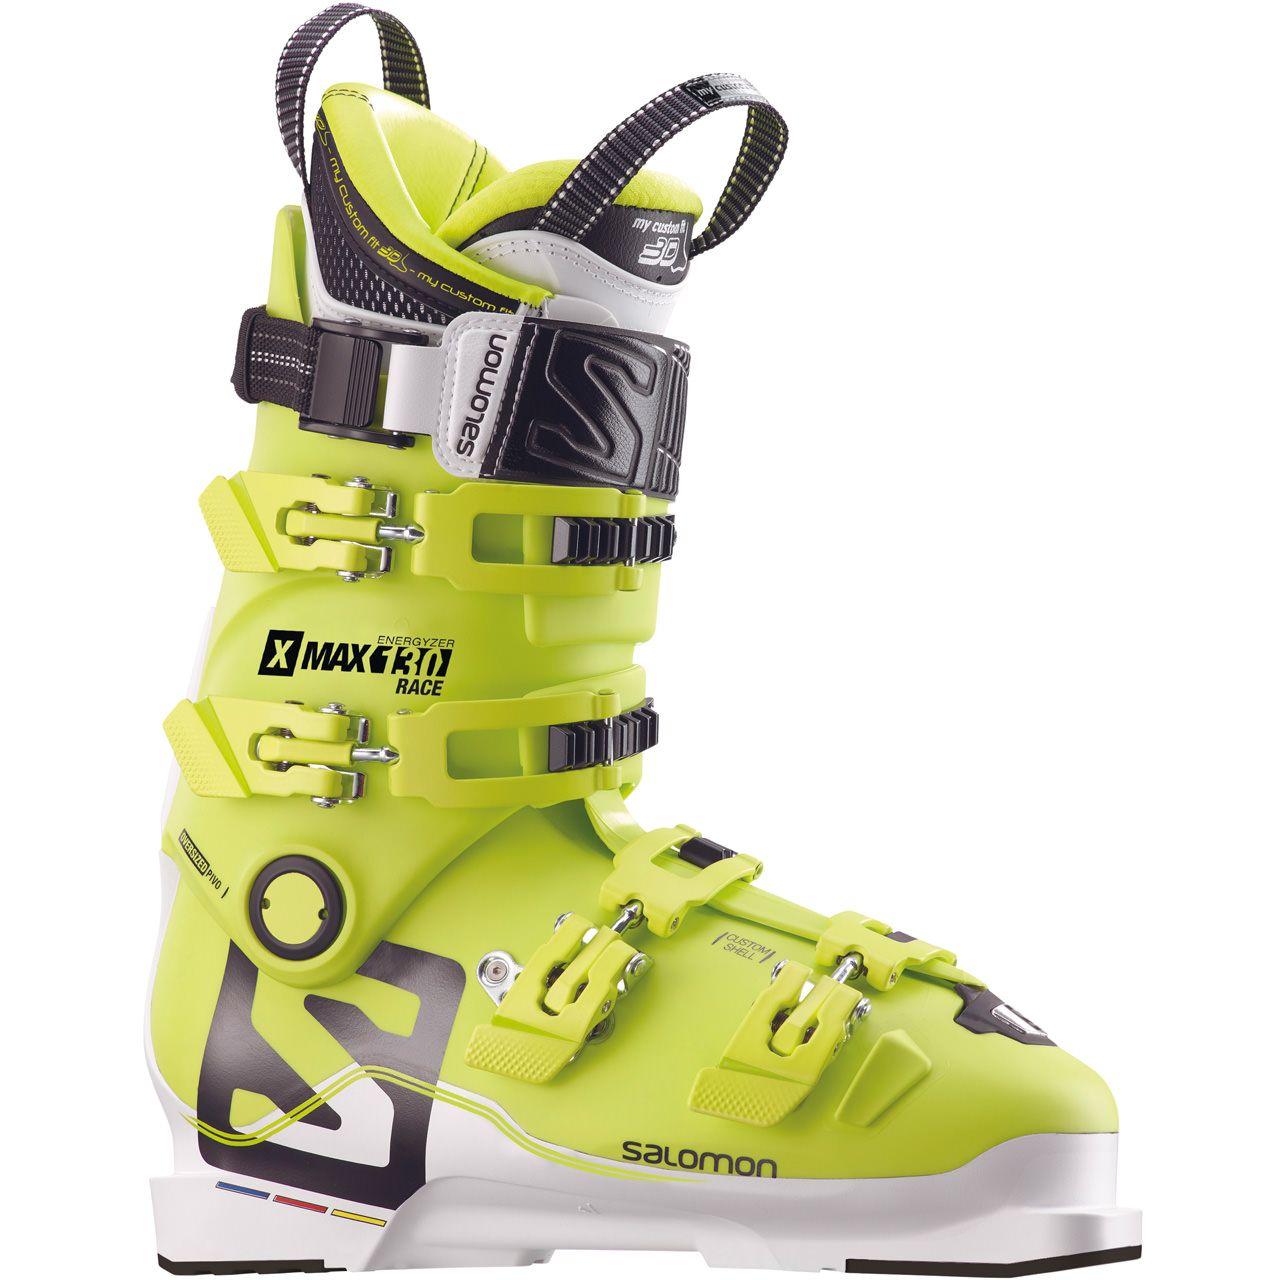 Image of Salomon Herren (Lime 29 5 MP ) / Skischuhe Custom Race (Lime / 29,5) - Skischuhe